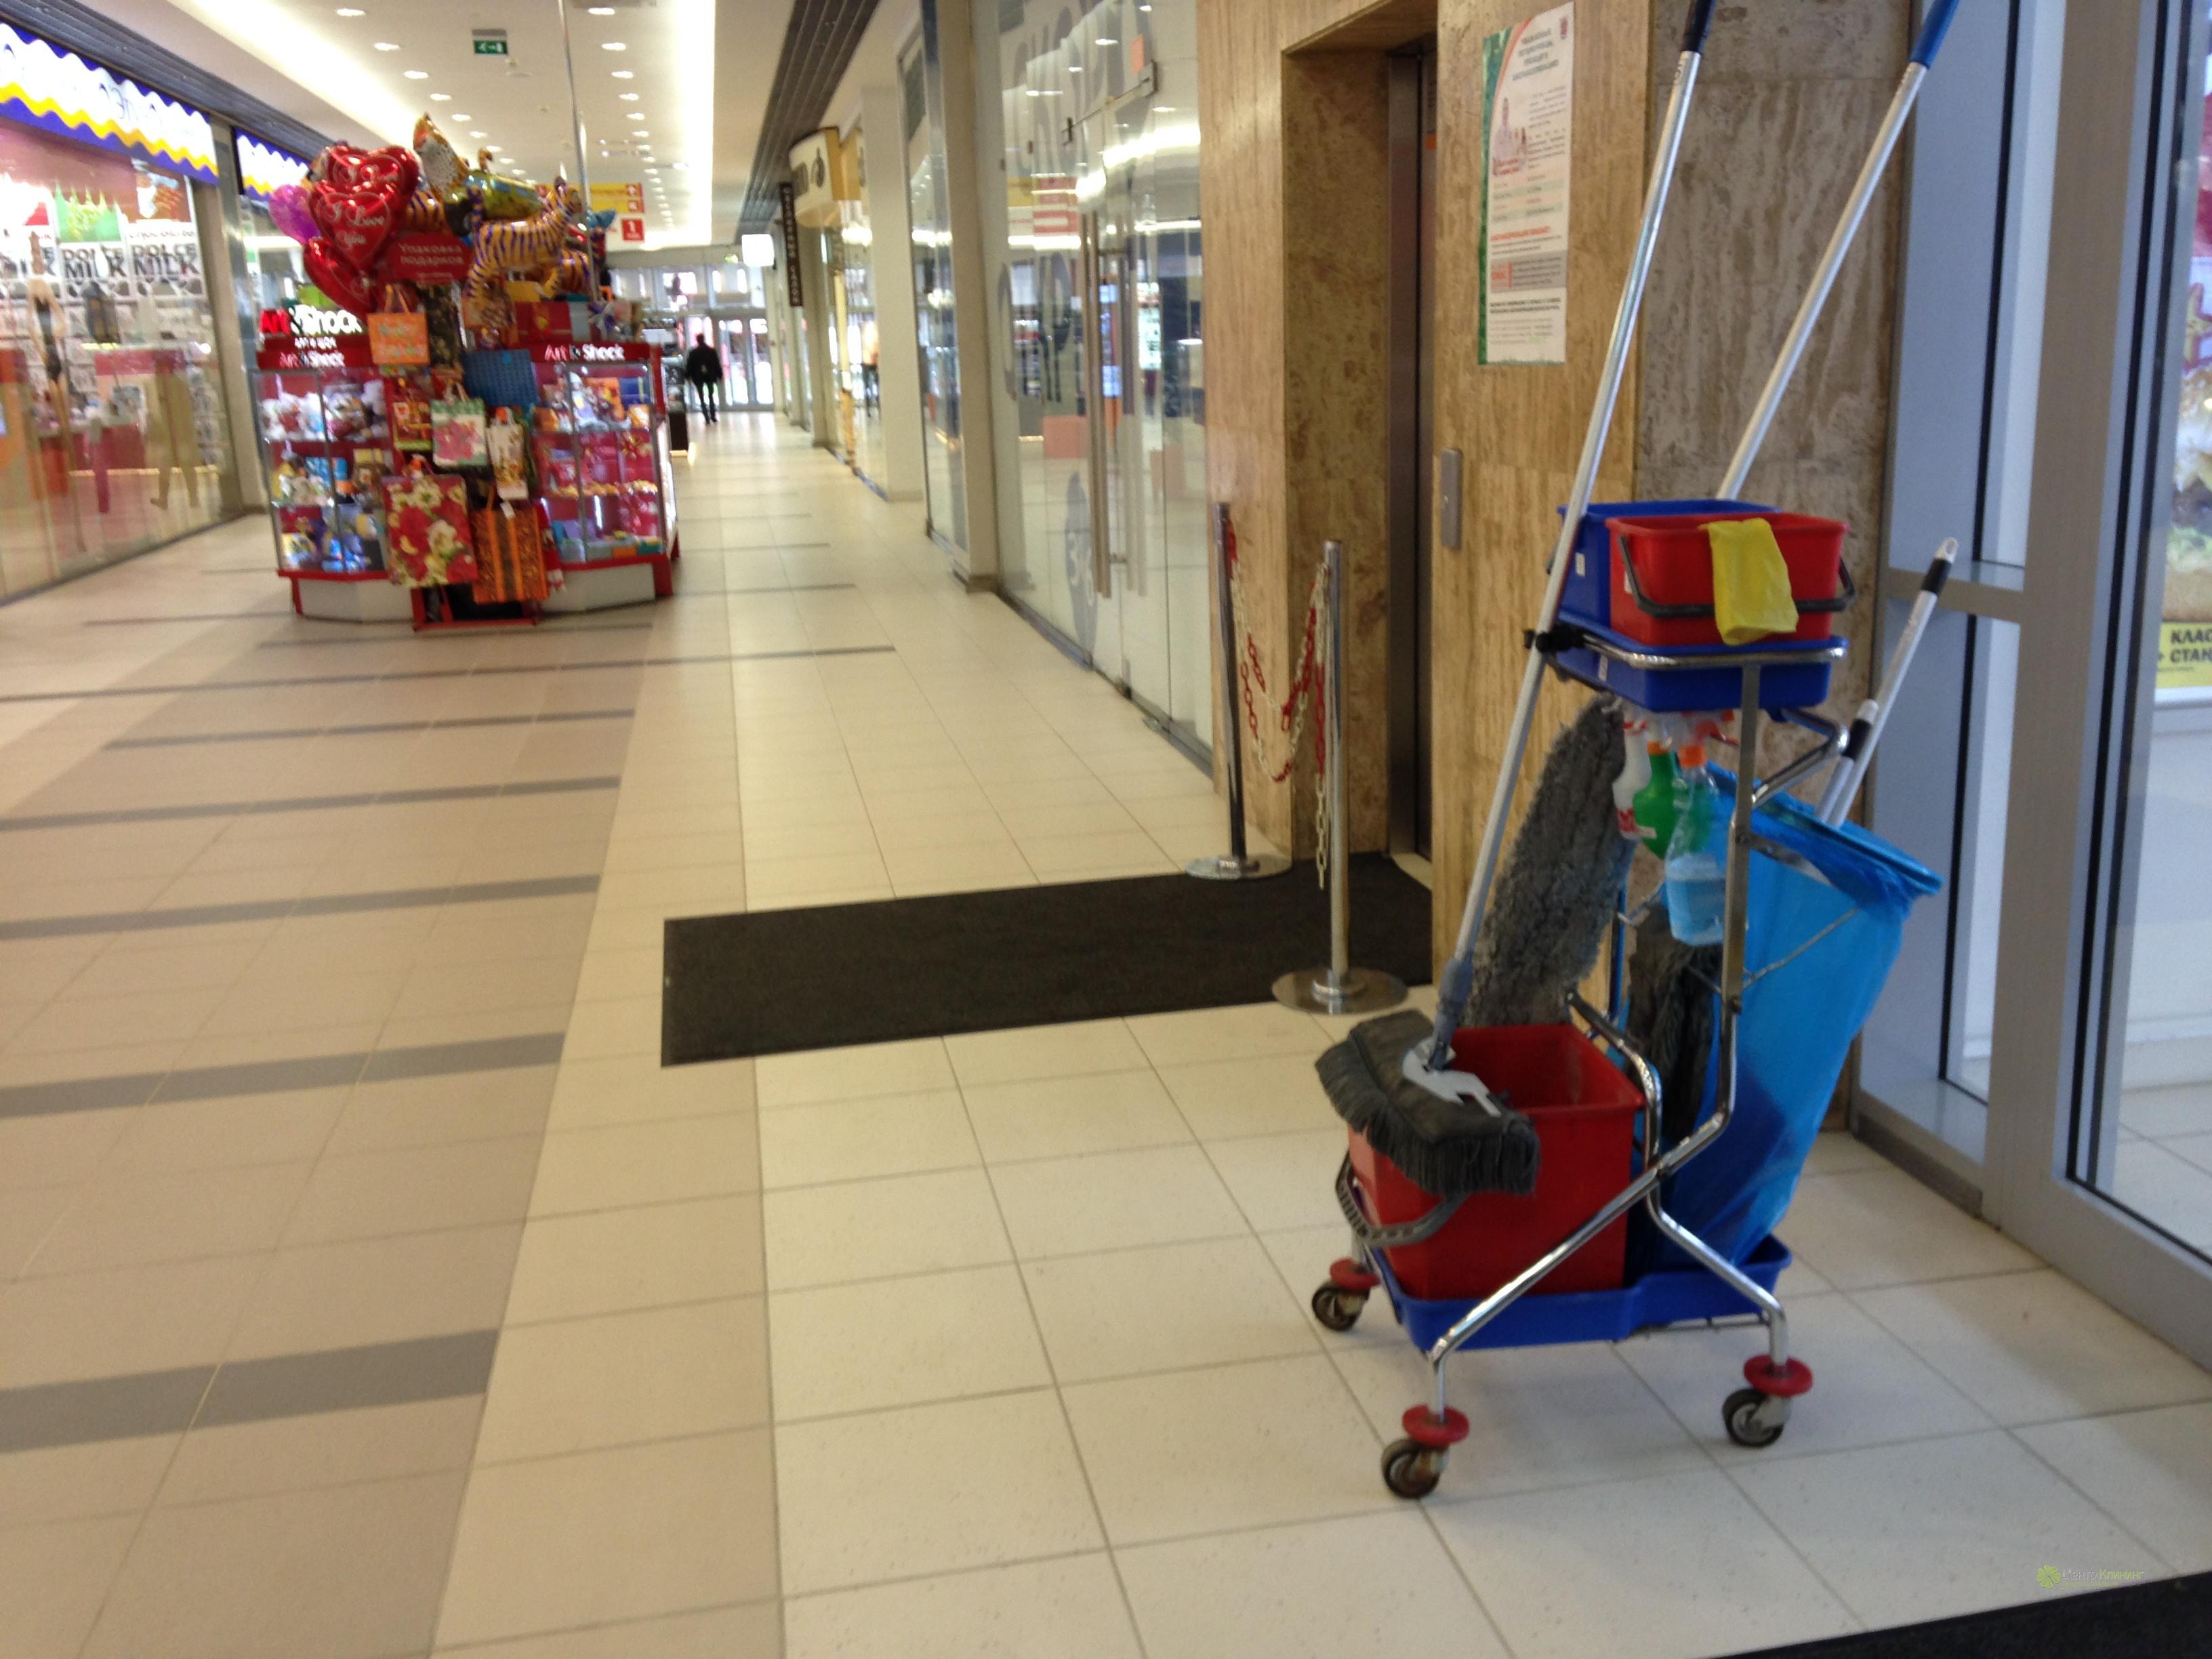 Картинки по запросу Уборка торговых центров